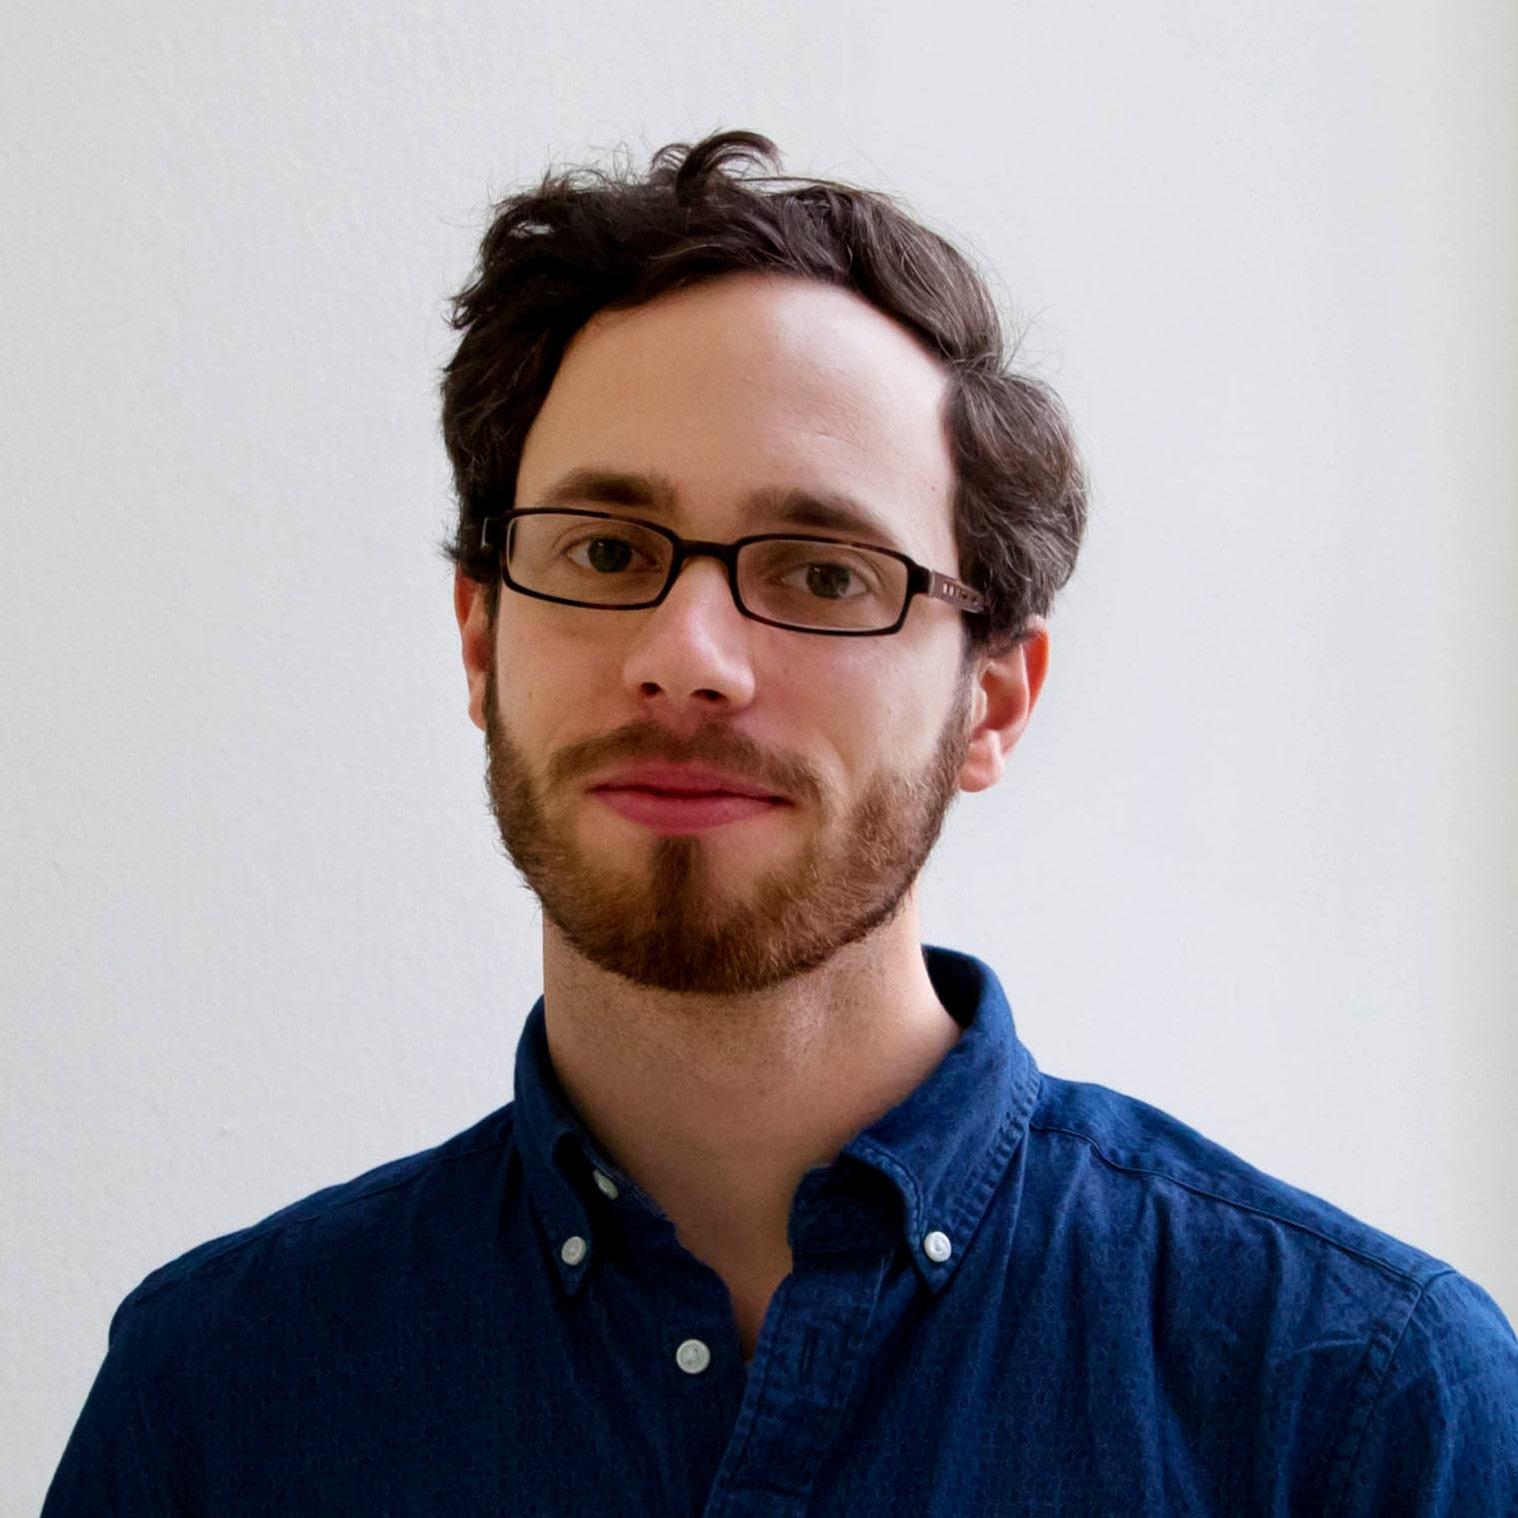 Ruben Pfitzenmaier